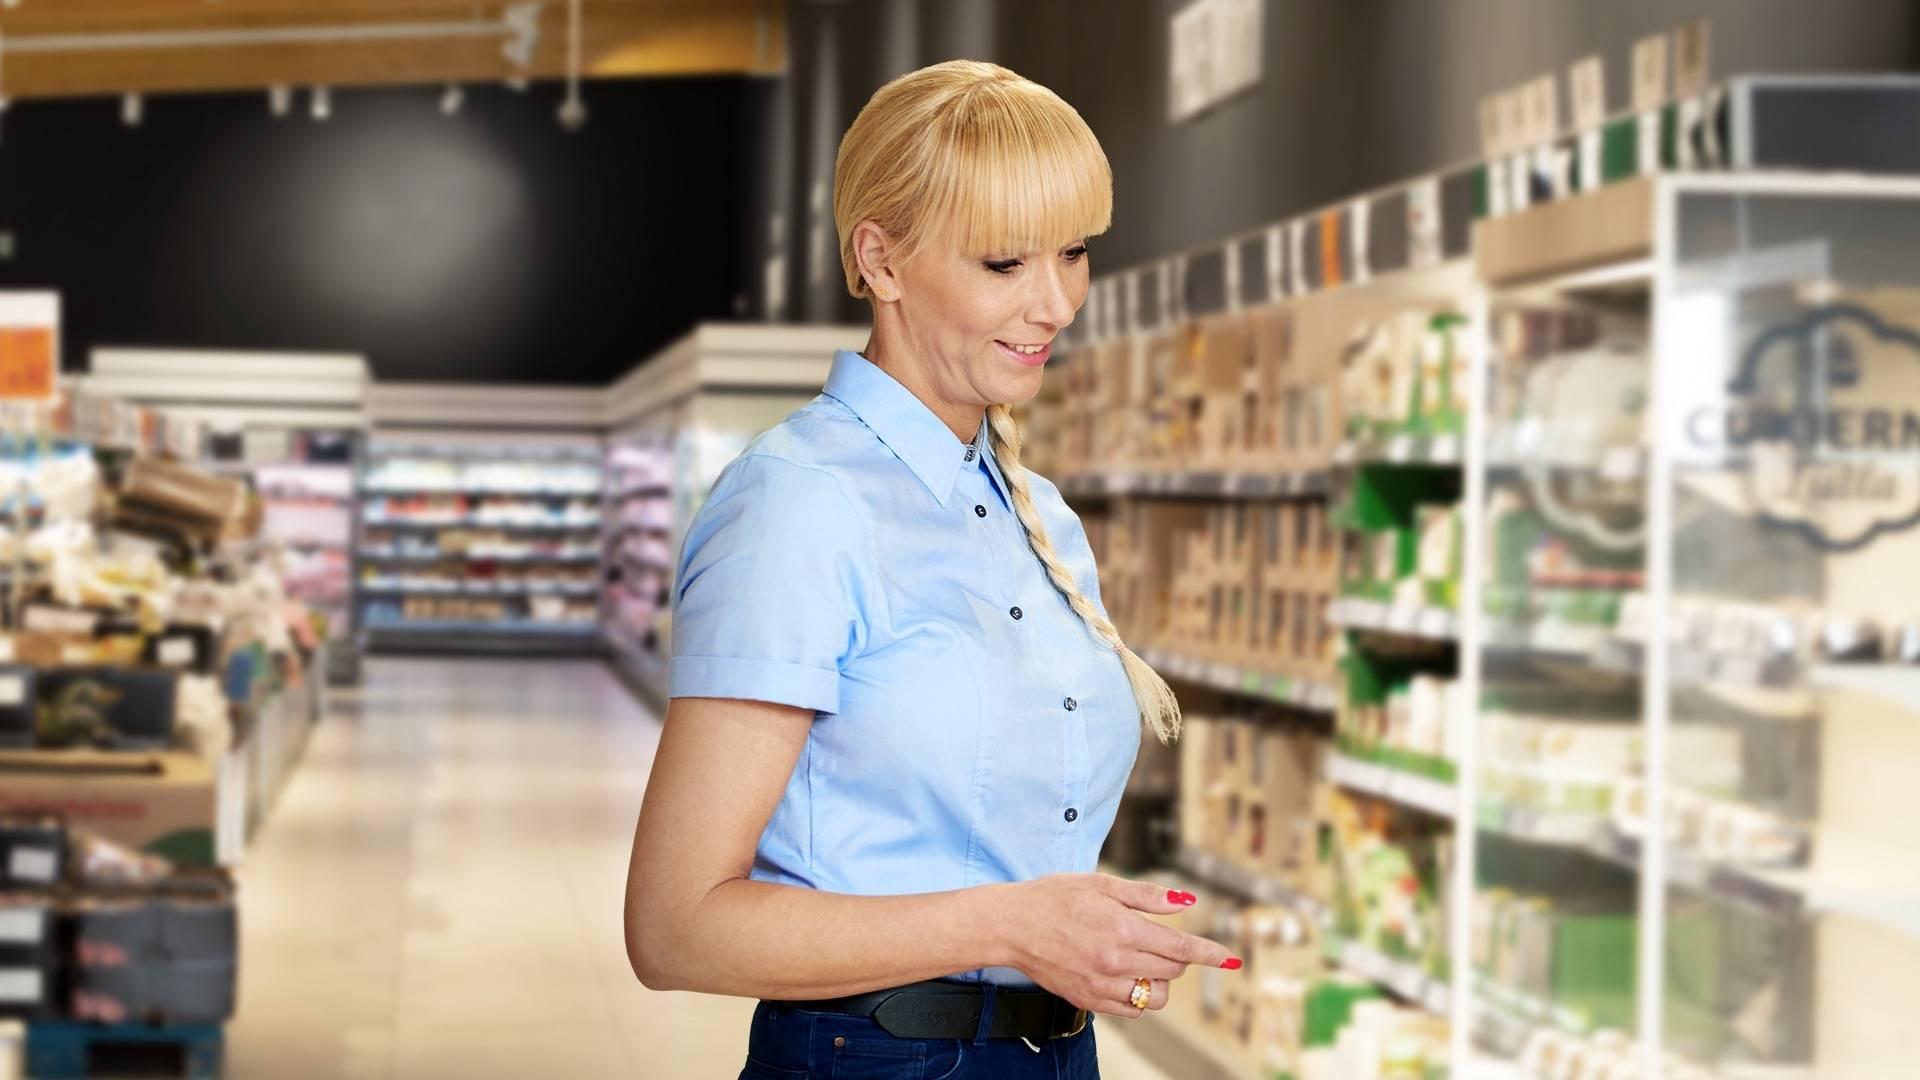 Manager sklepu kobieta realizuje zadania.